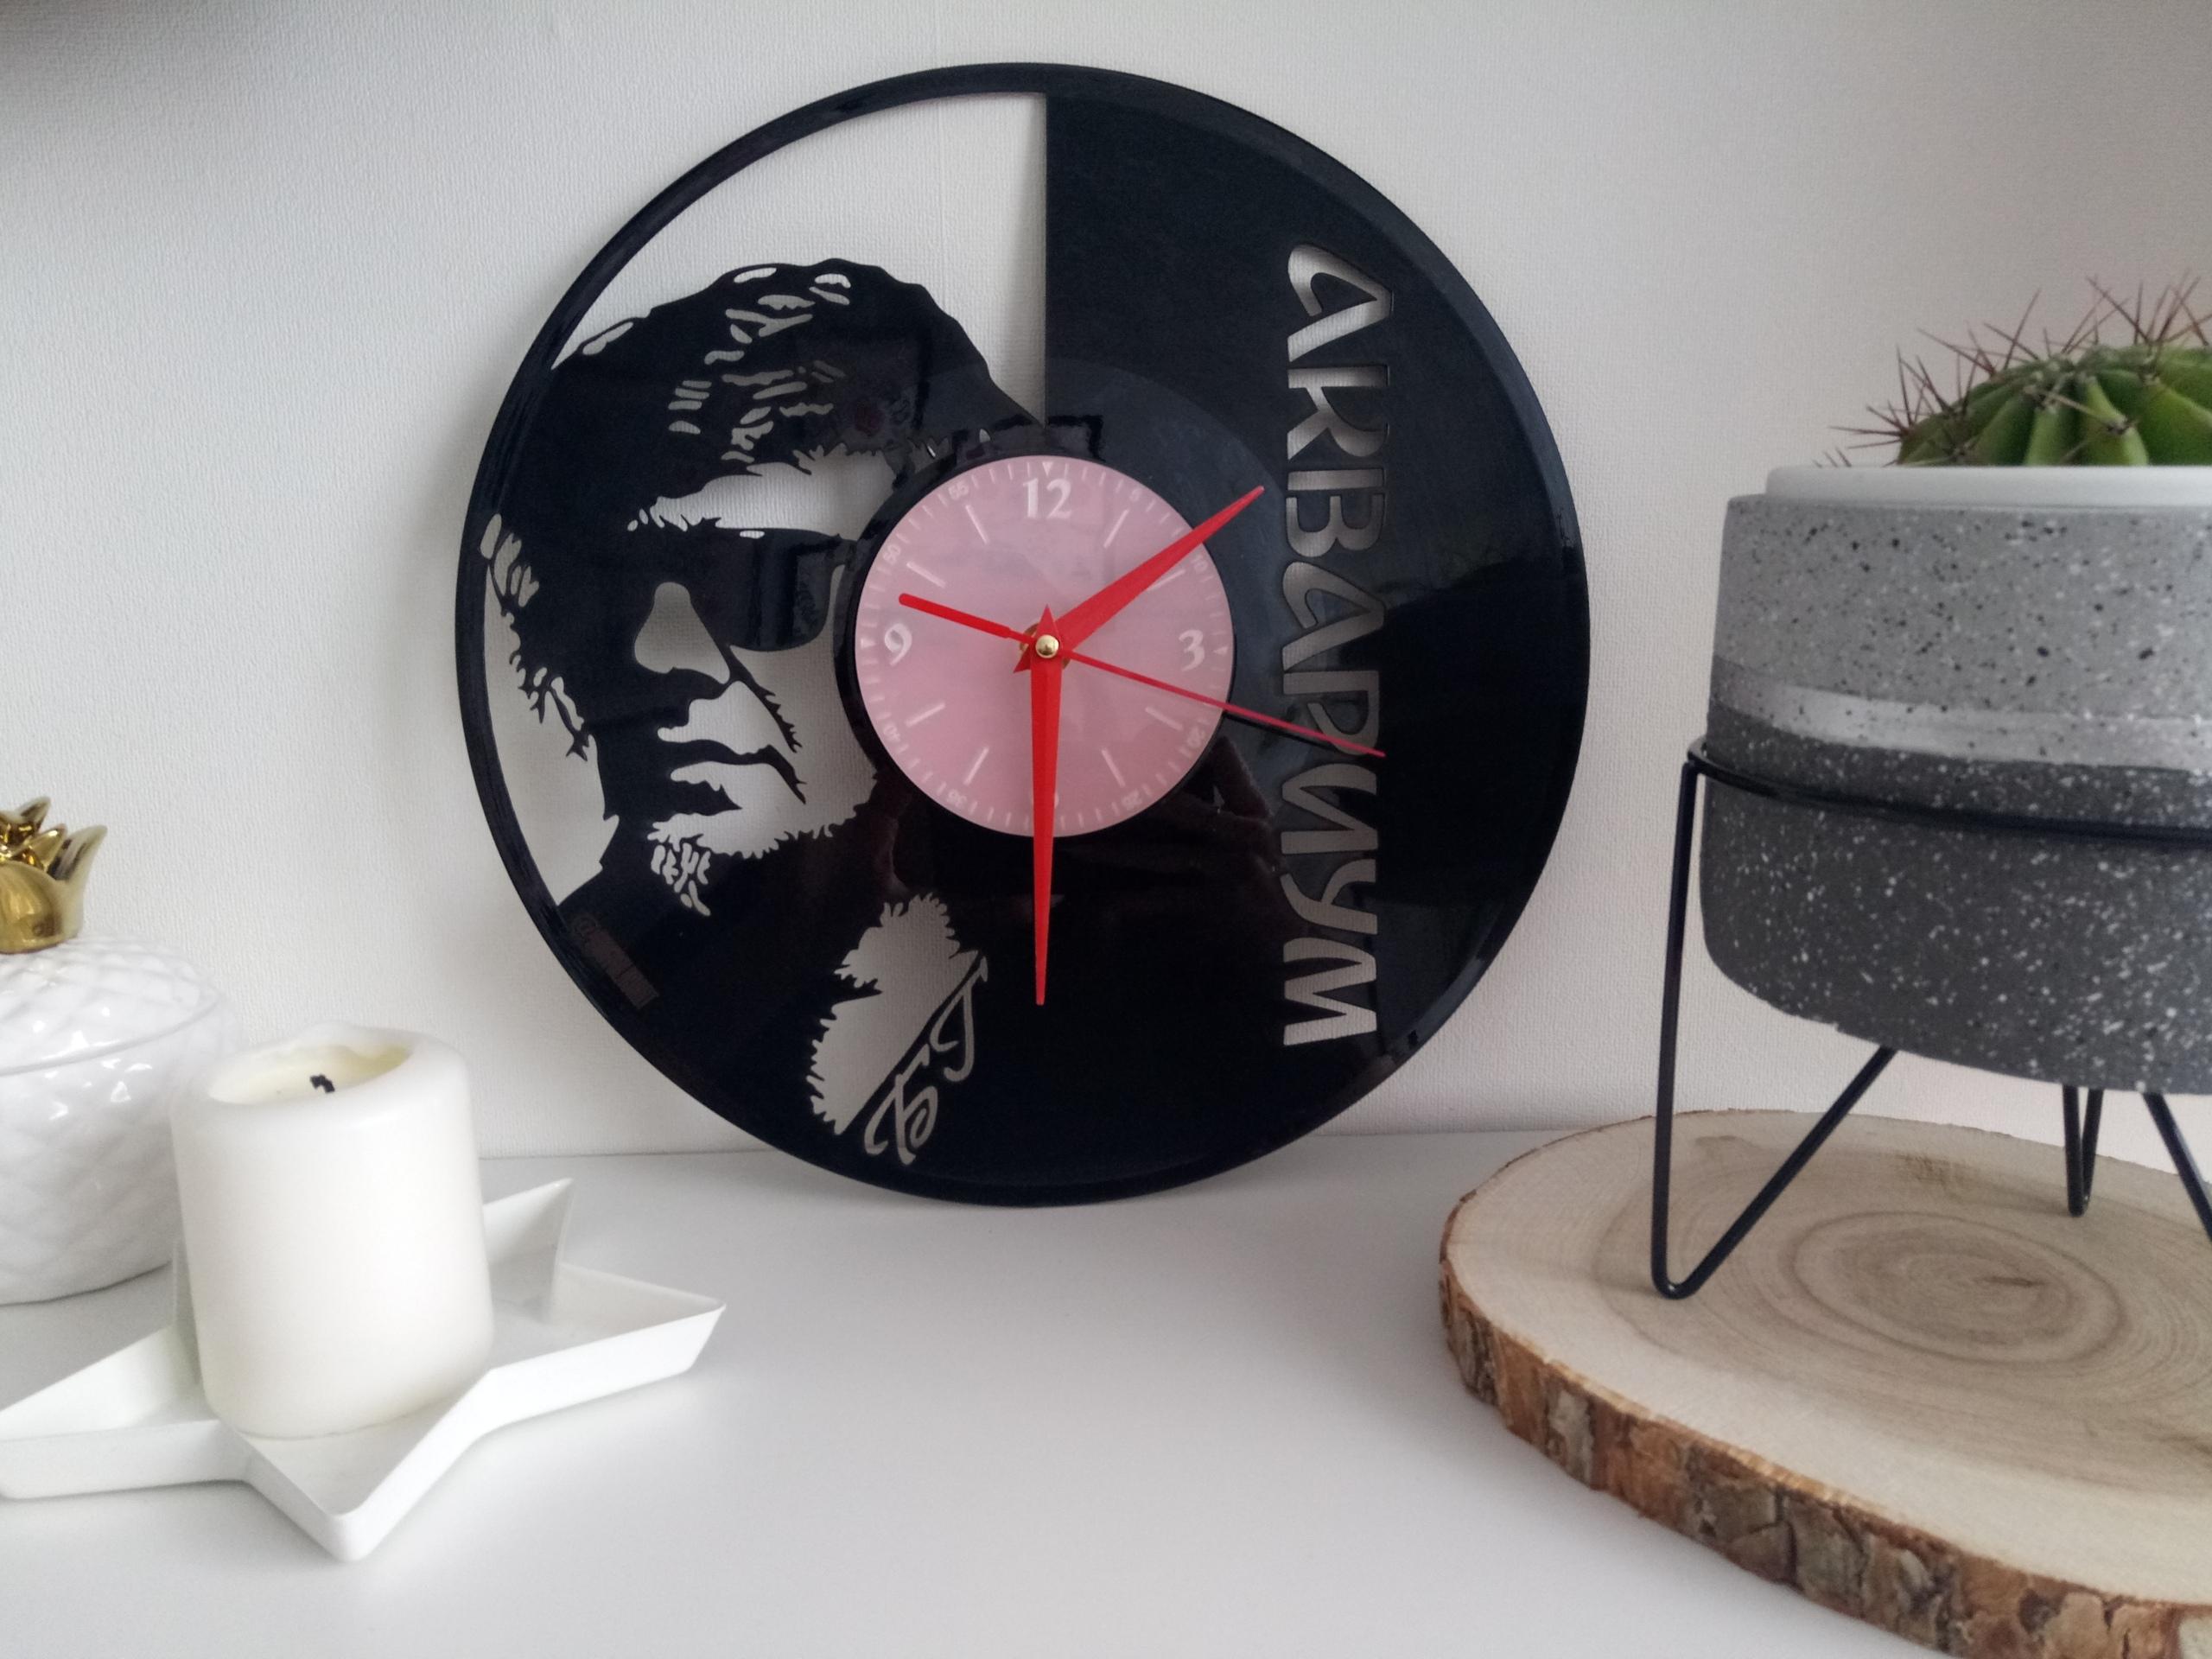 Laser Cut Aquarium Аквариум Russian Rock Band Vinyl Record Wall Clock Free Vector